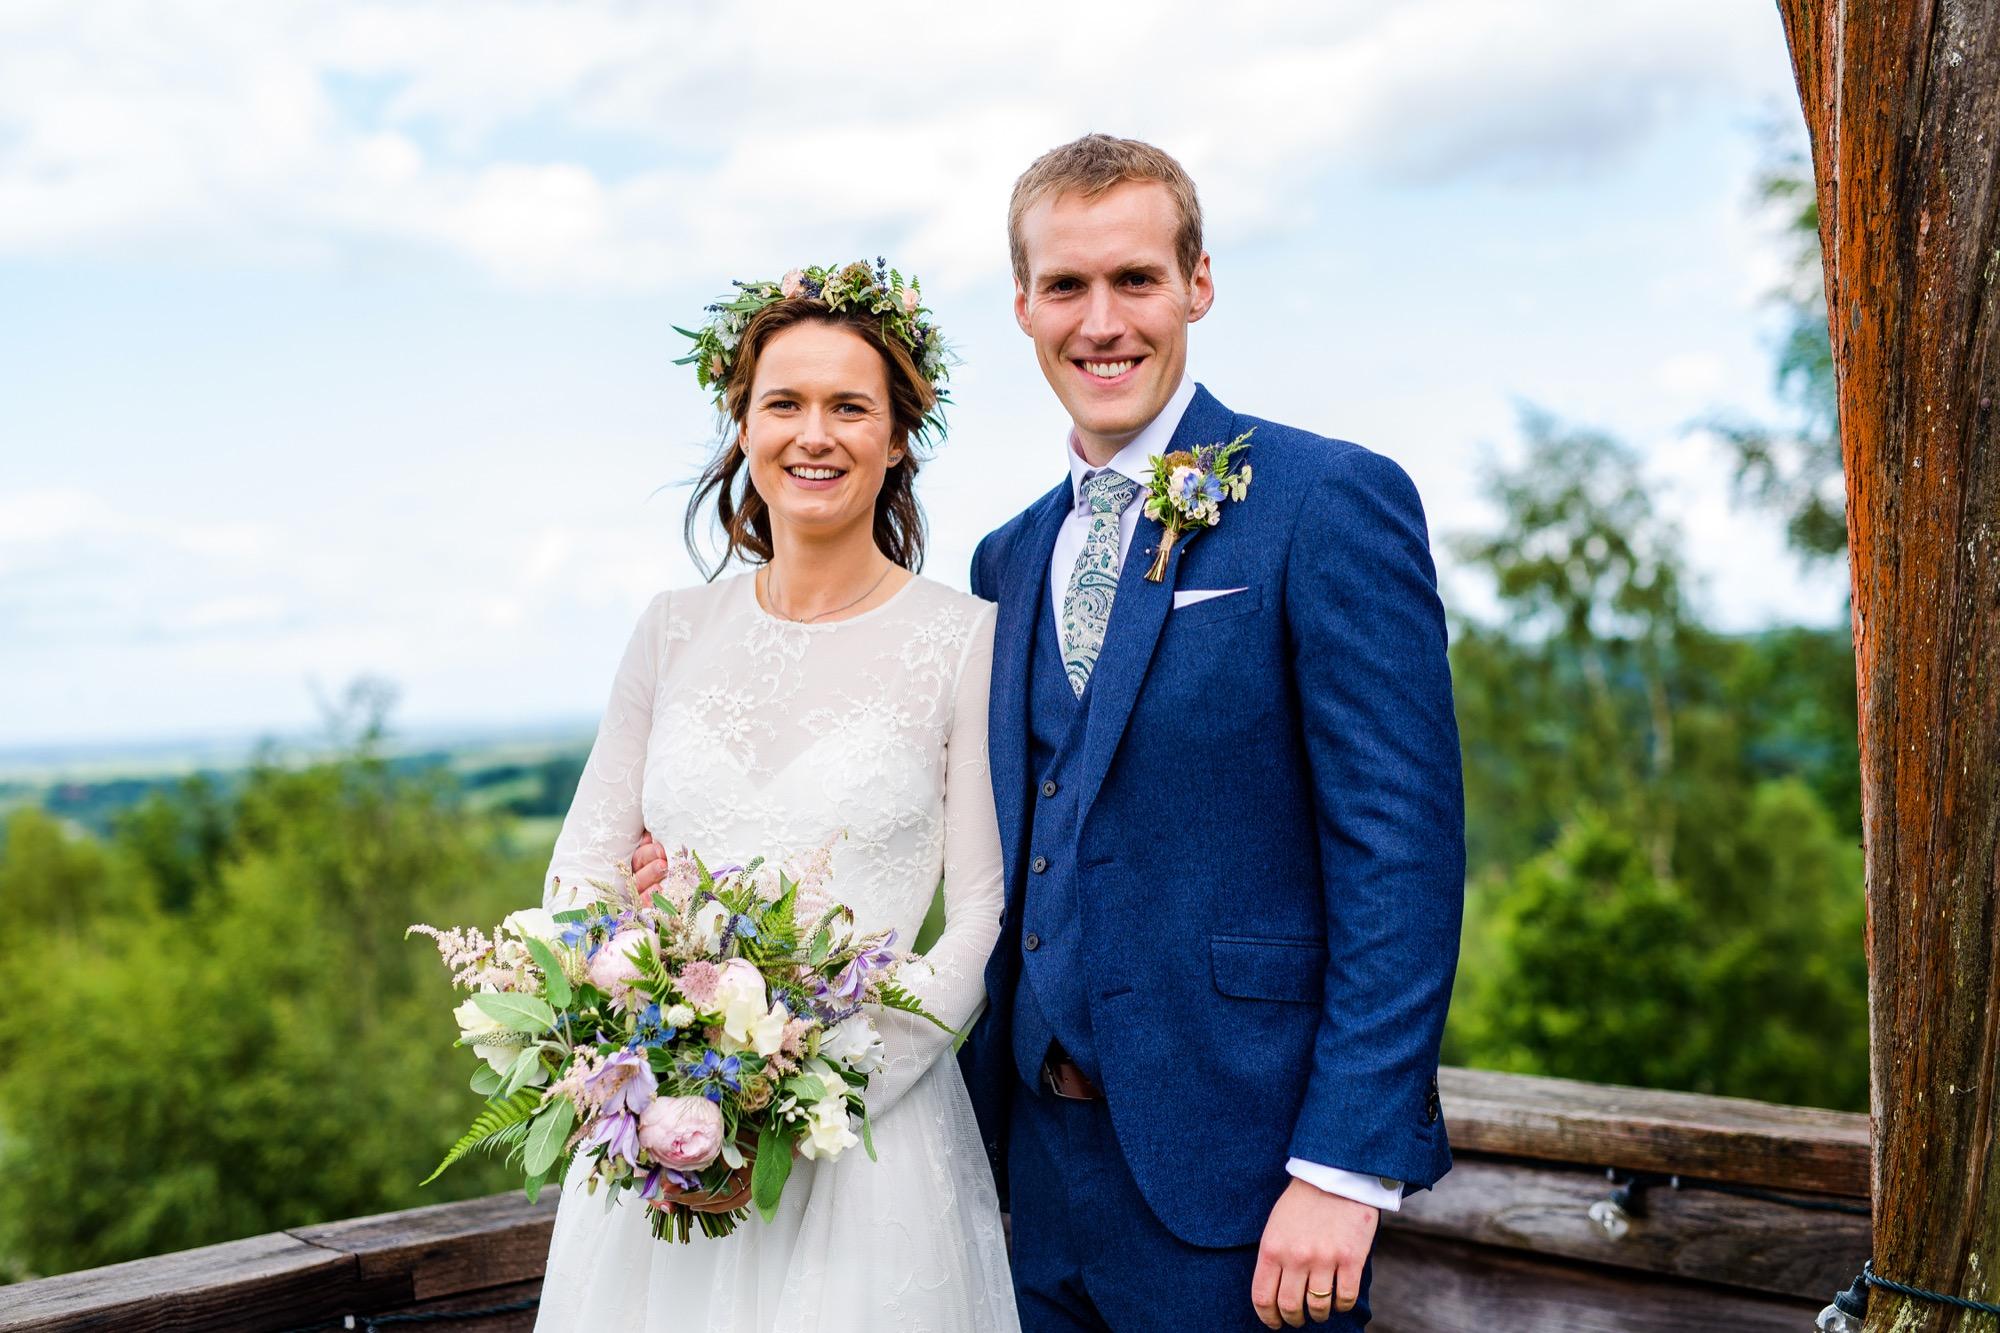 Nessa and Mark wedding 08 06 19-445.jpg